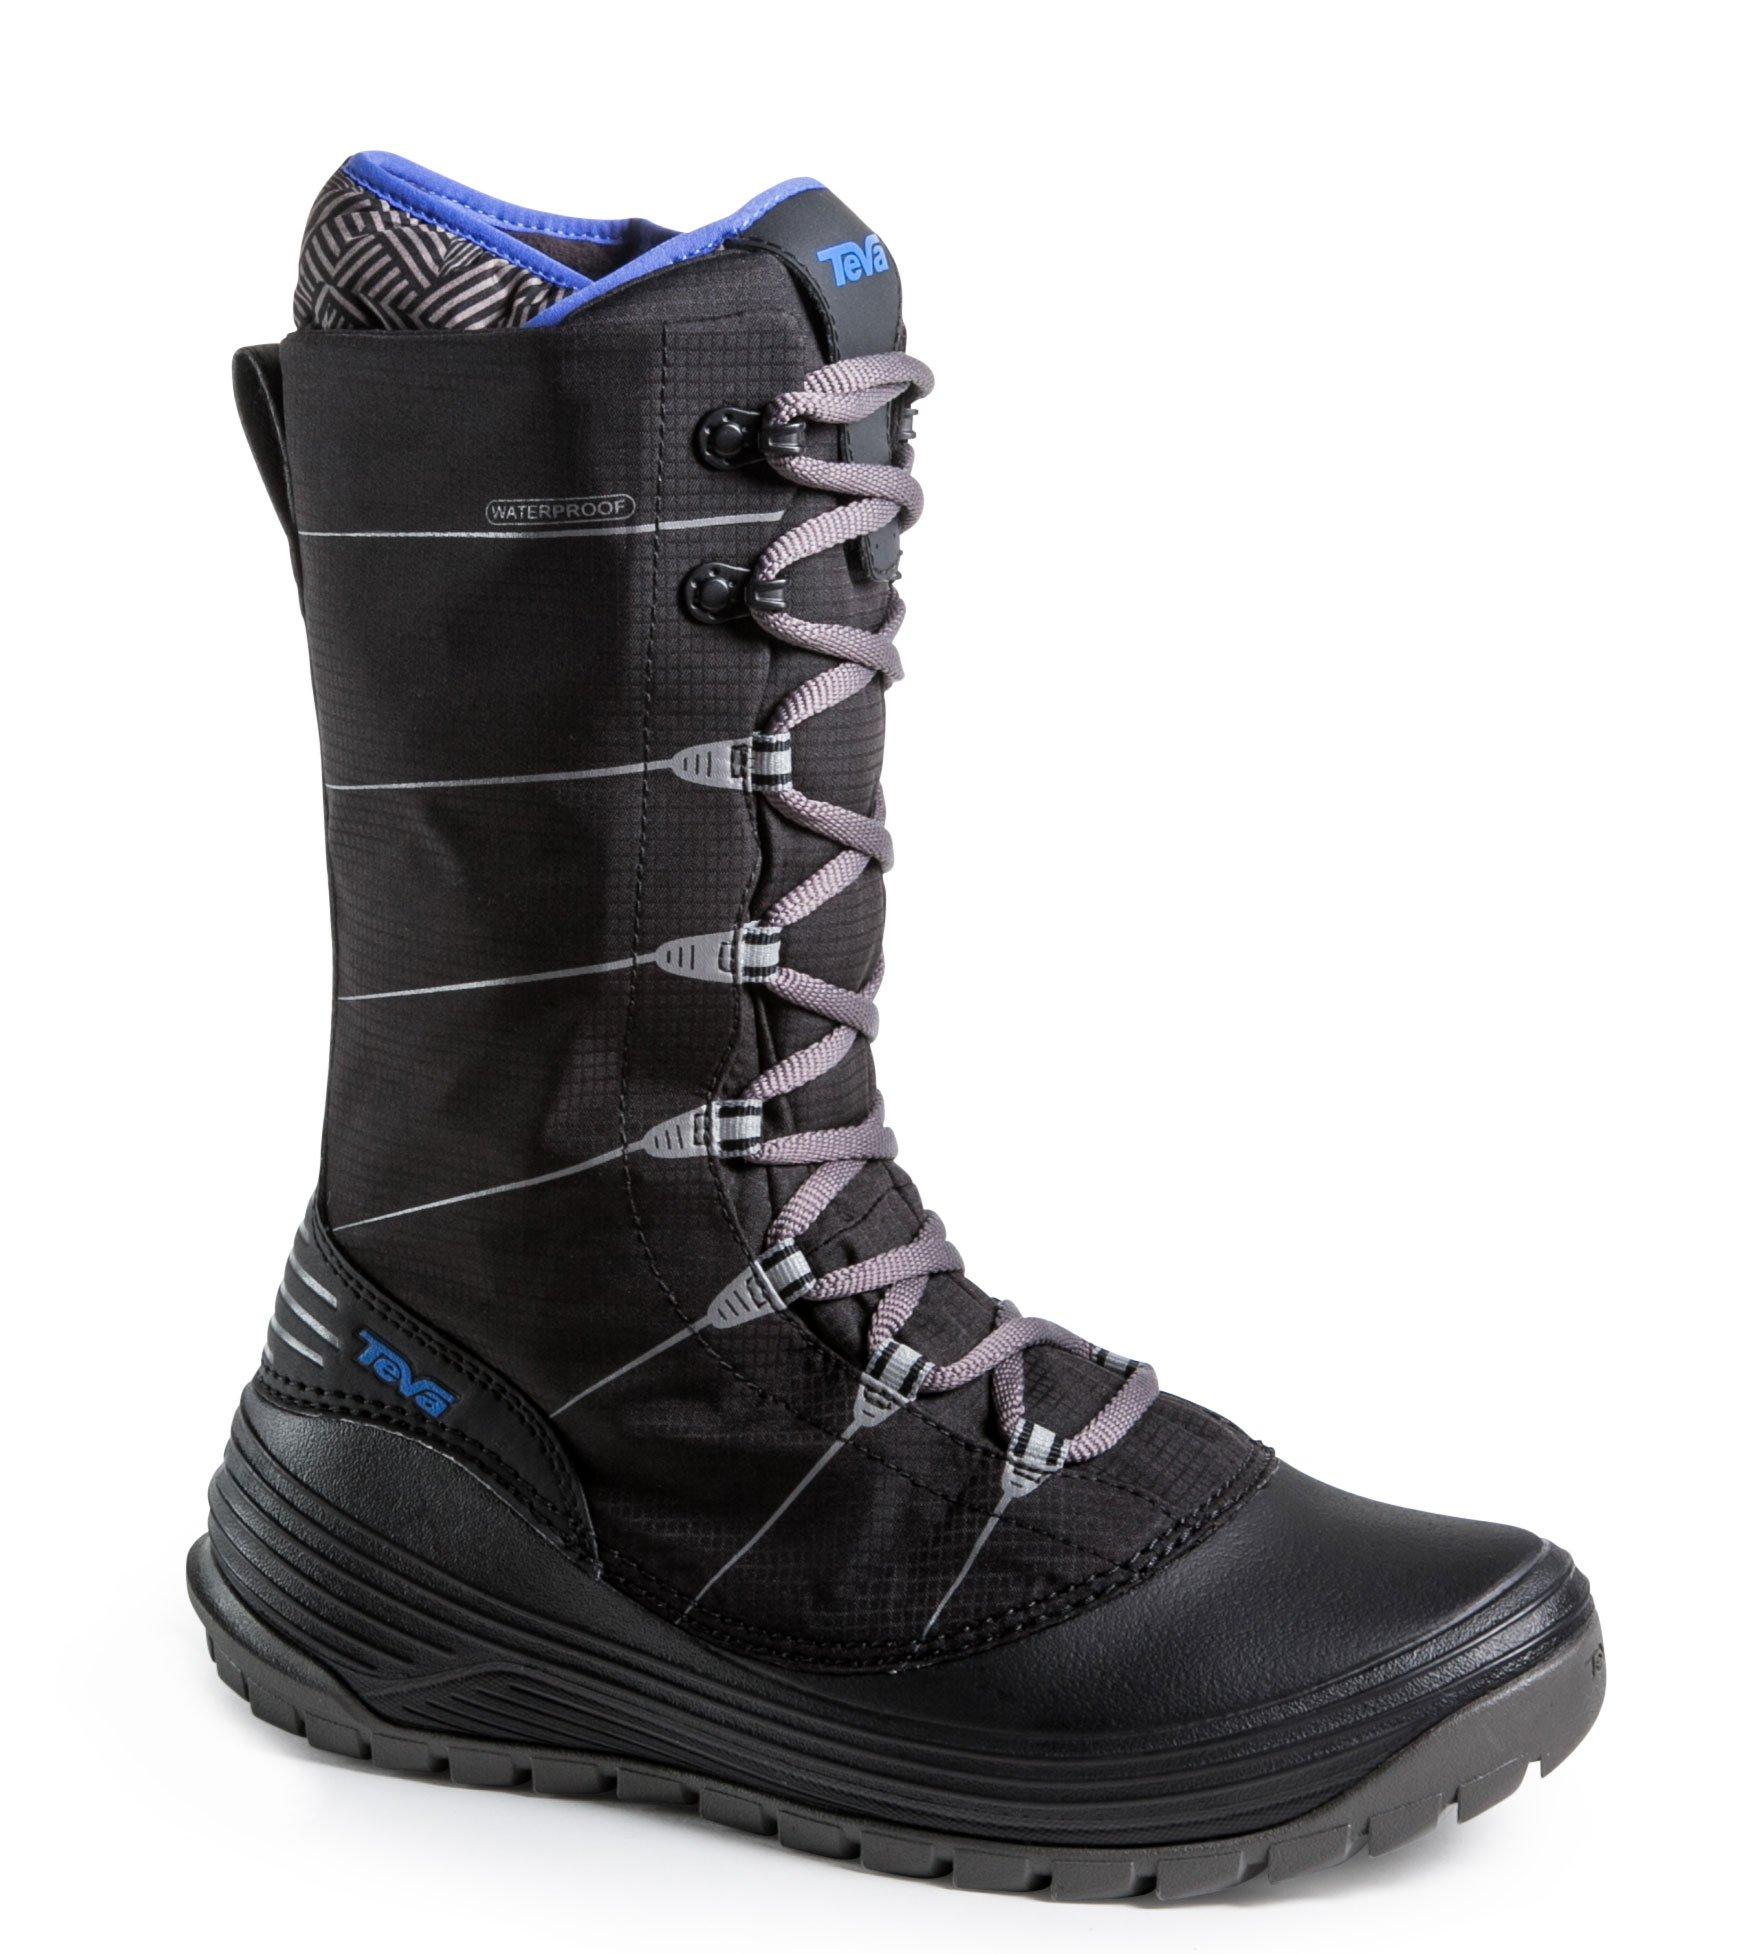 Teva Teva jordanelle 2 wp damestøvle fra billigsport24